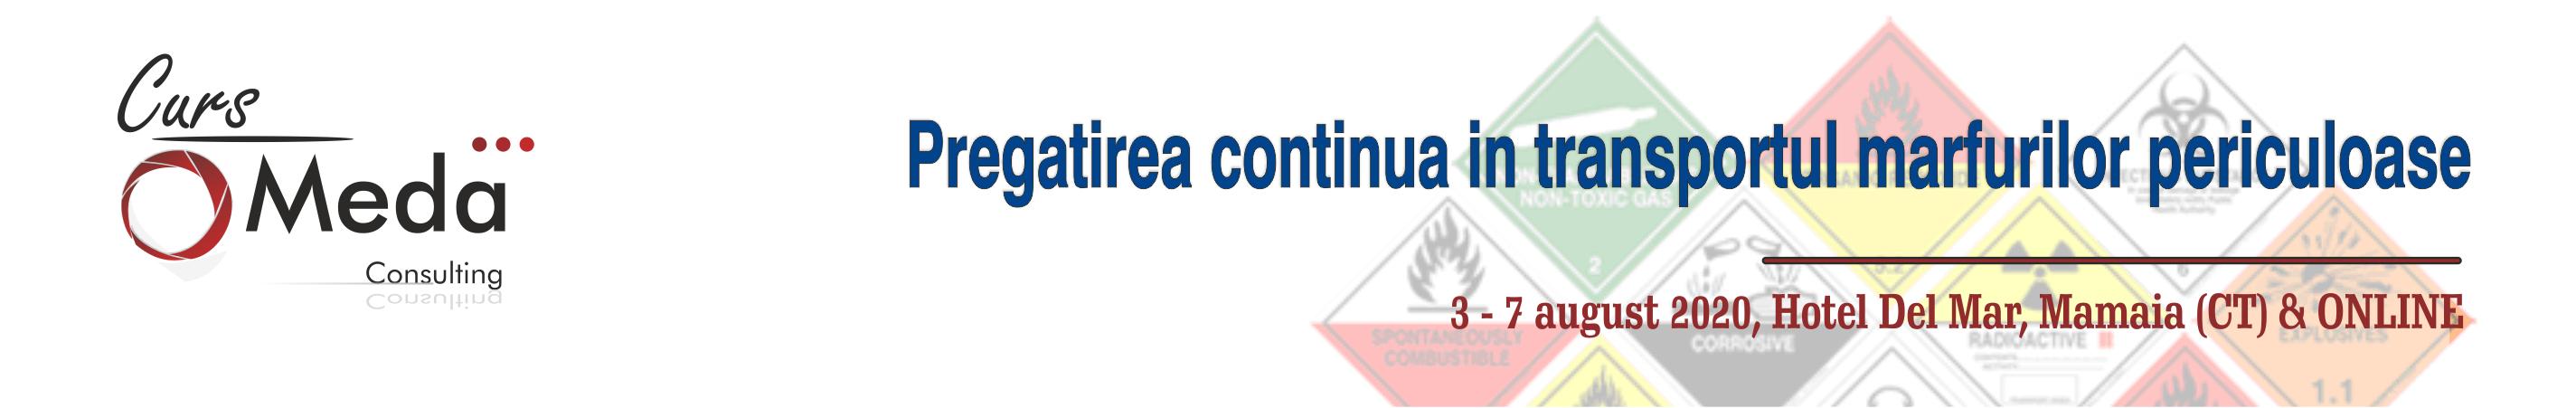 pregatirea continuain transportul marfurilor periculoase adr